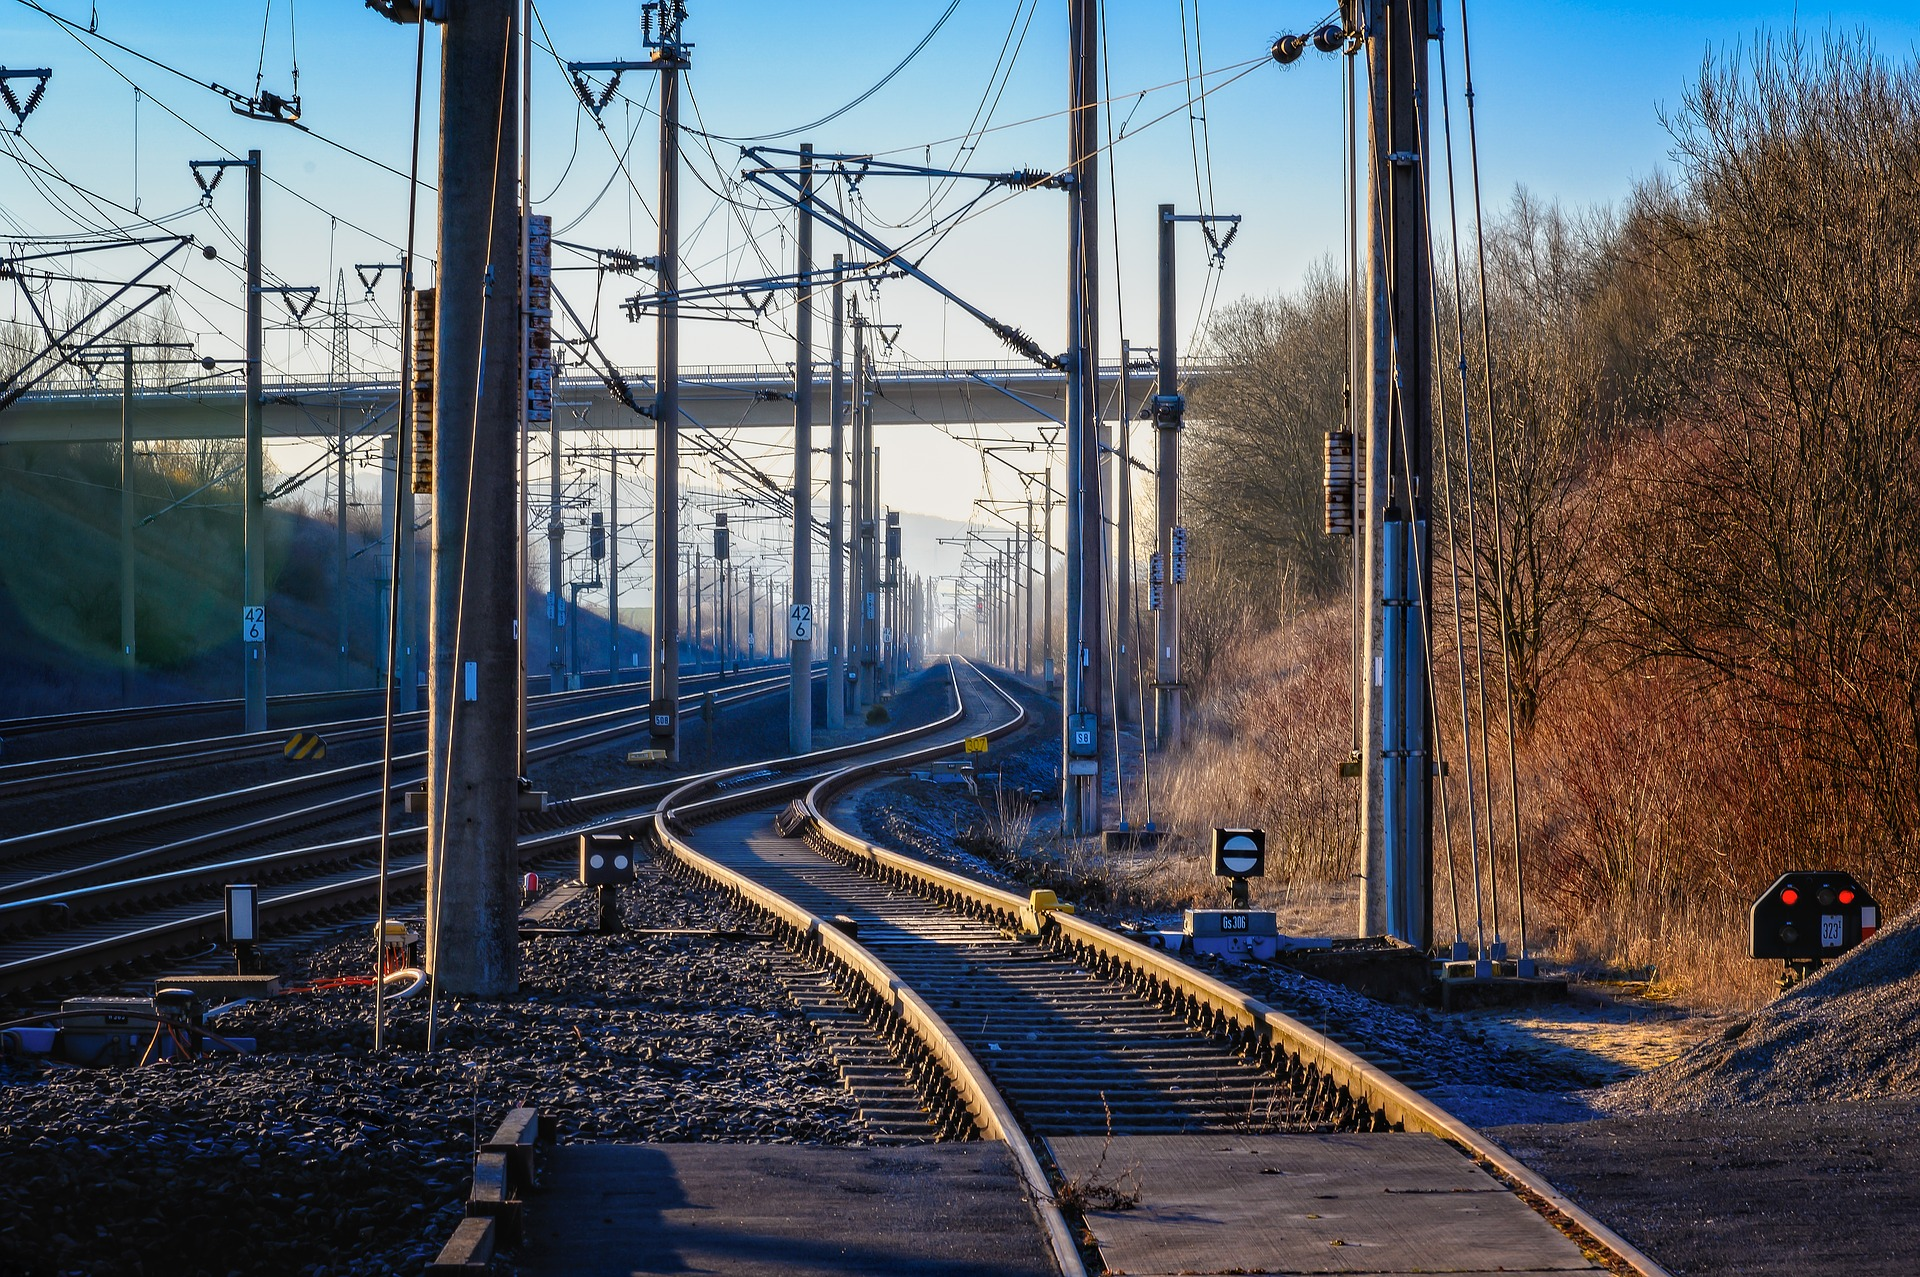 Roma, Contro Atto Vandalico A Linea Ferroviaria Serve Cultura Del Rispetto